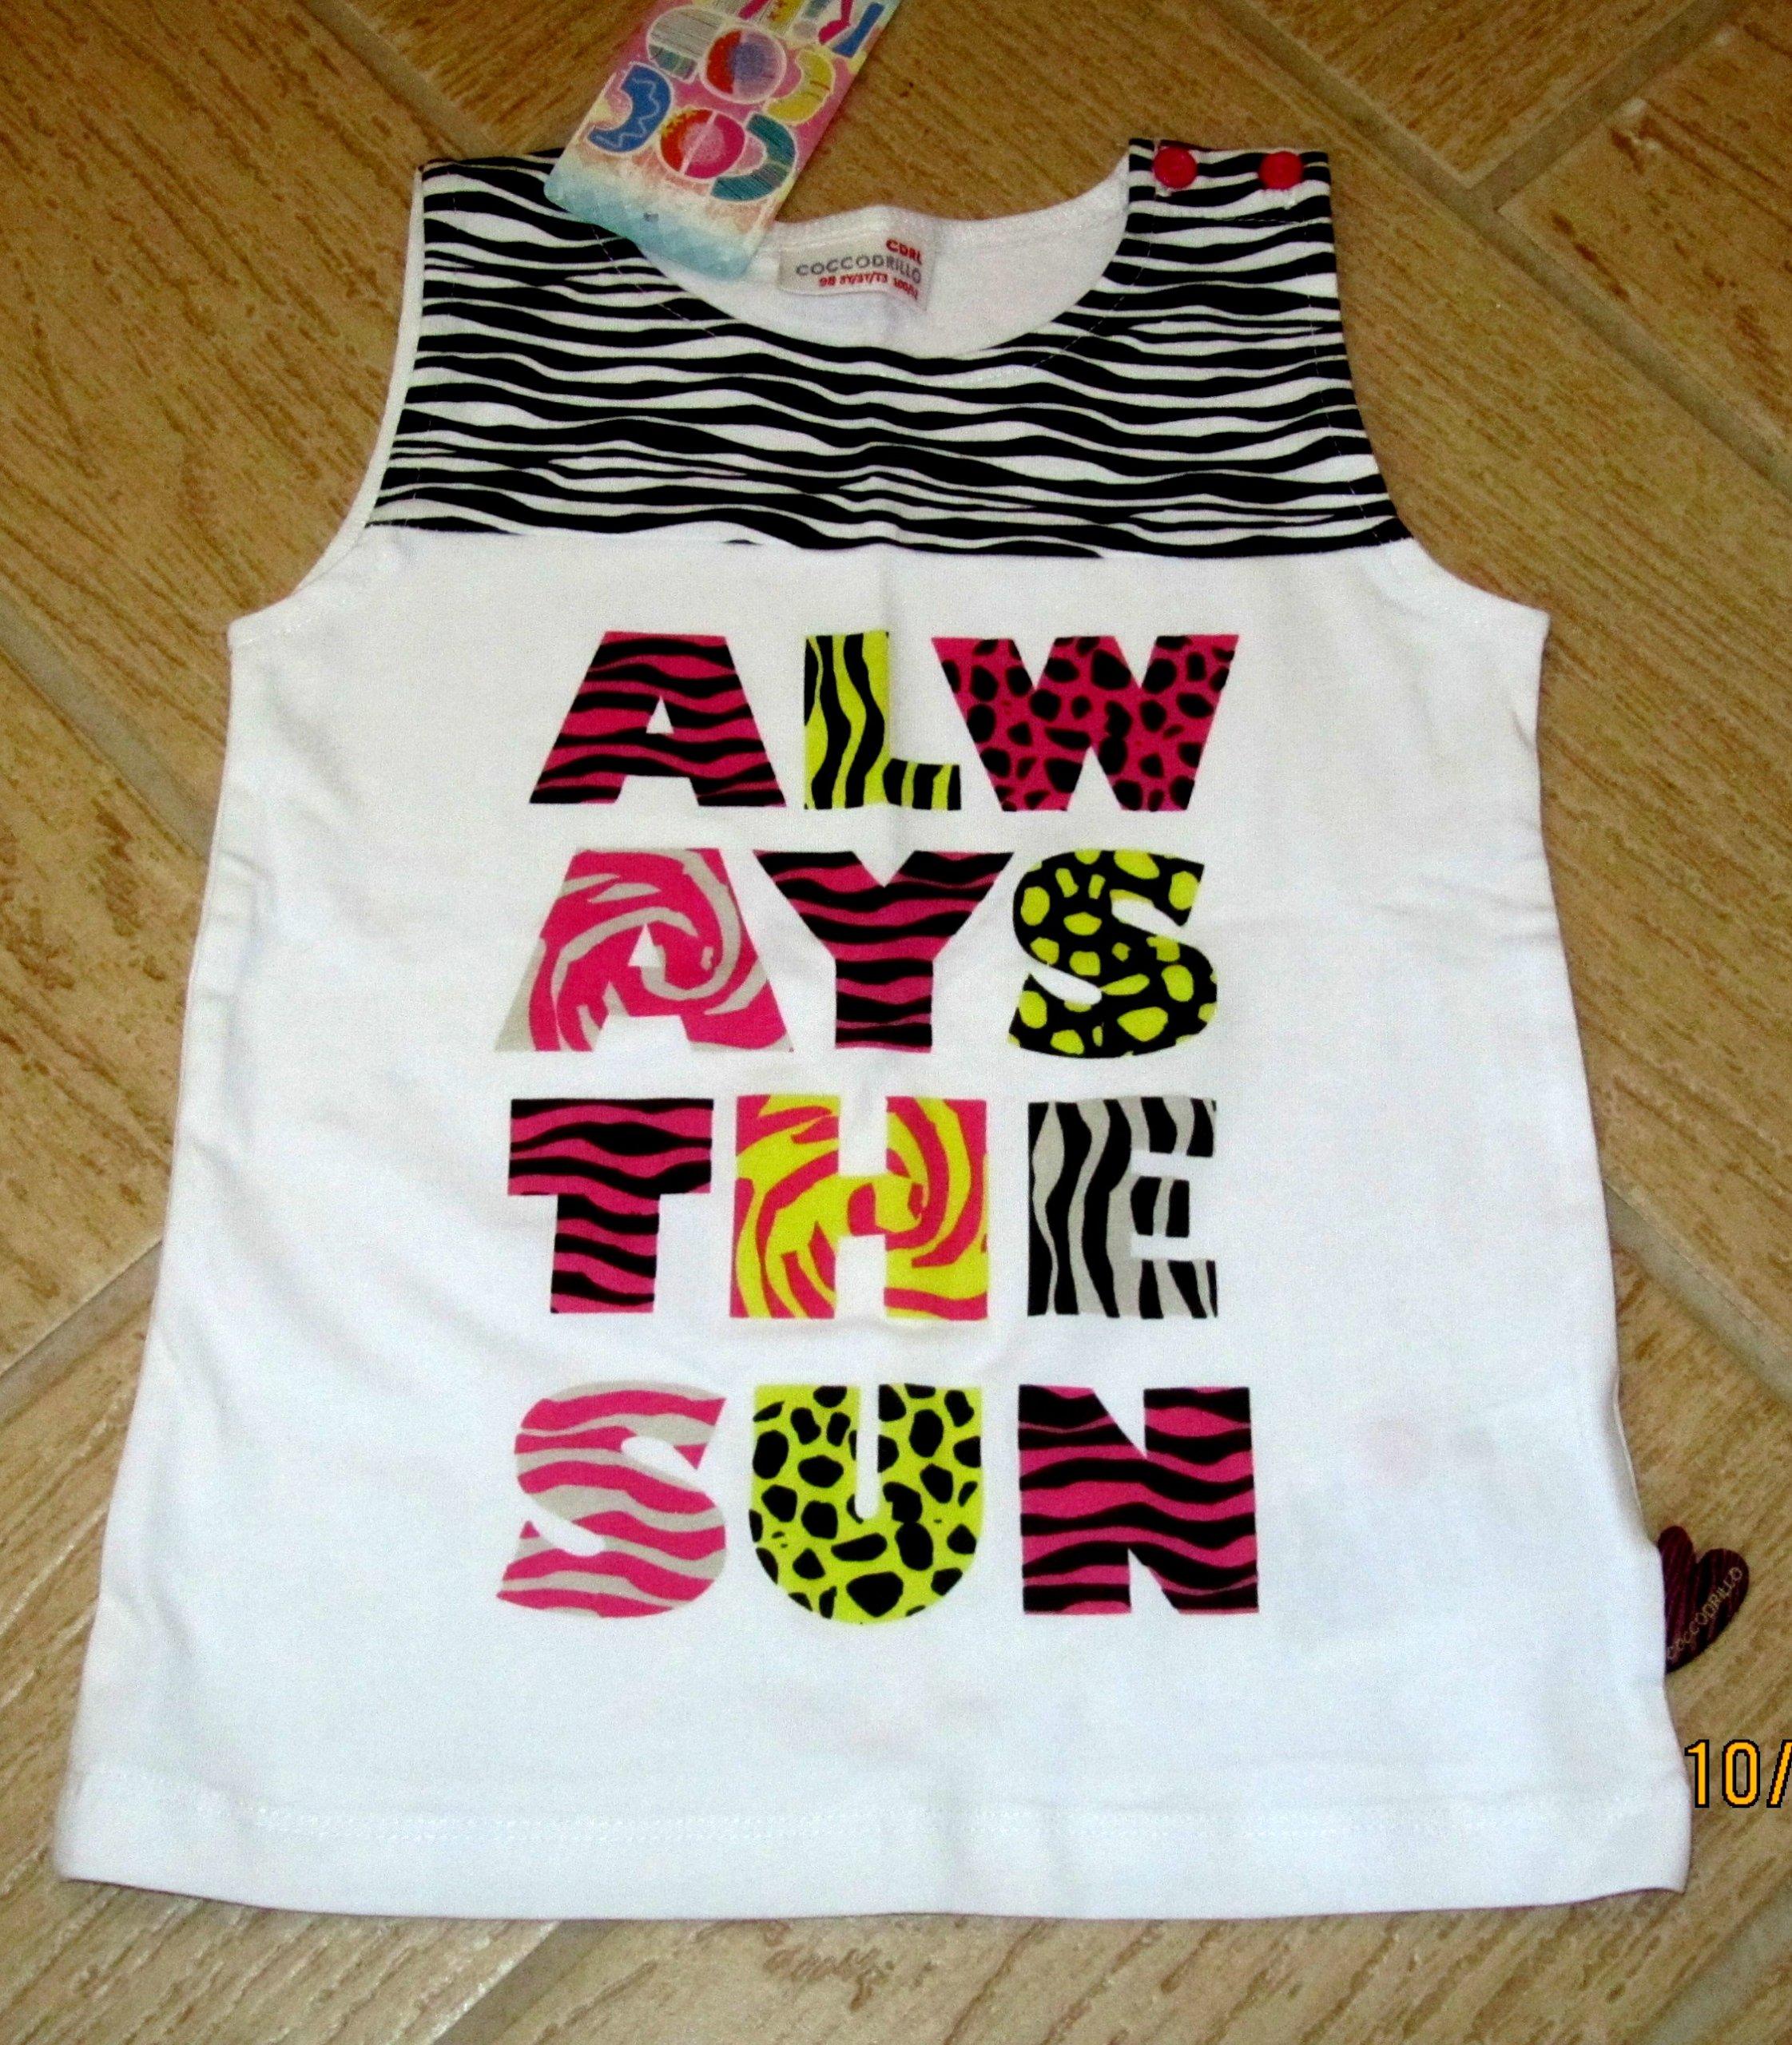 NOWY t-shirt 98 Coccodrillo 3latka zebra